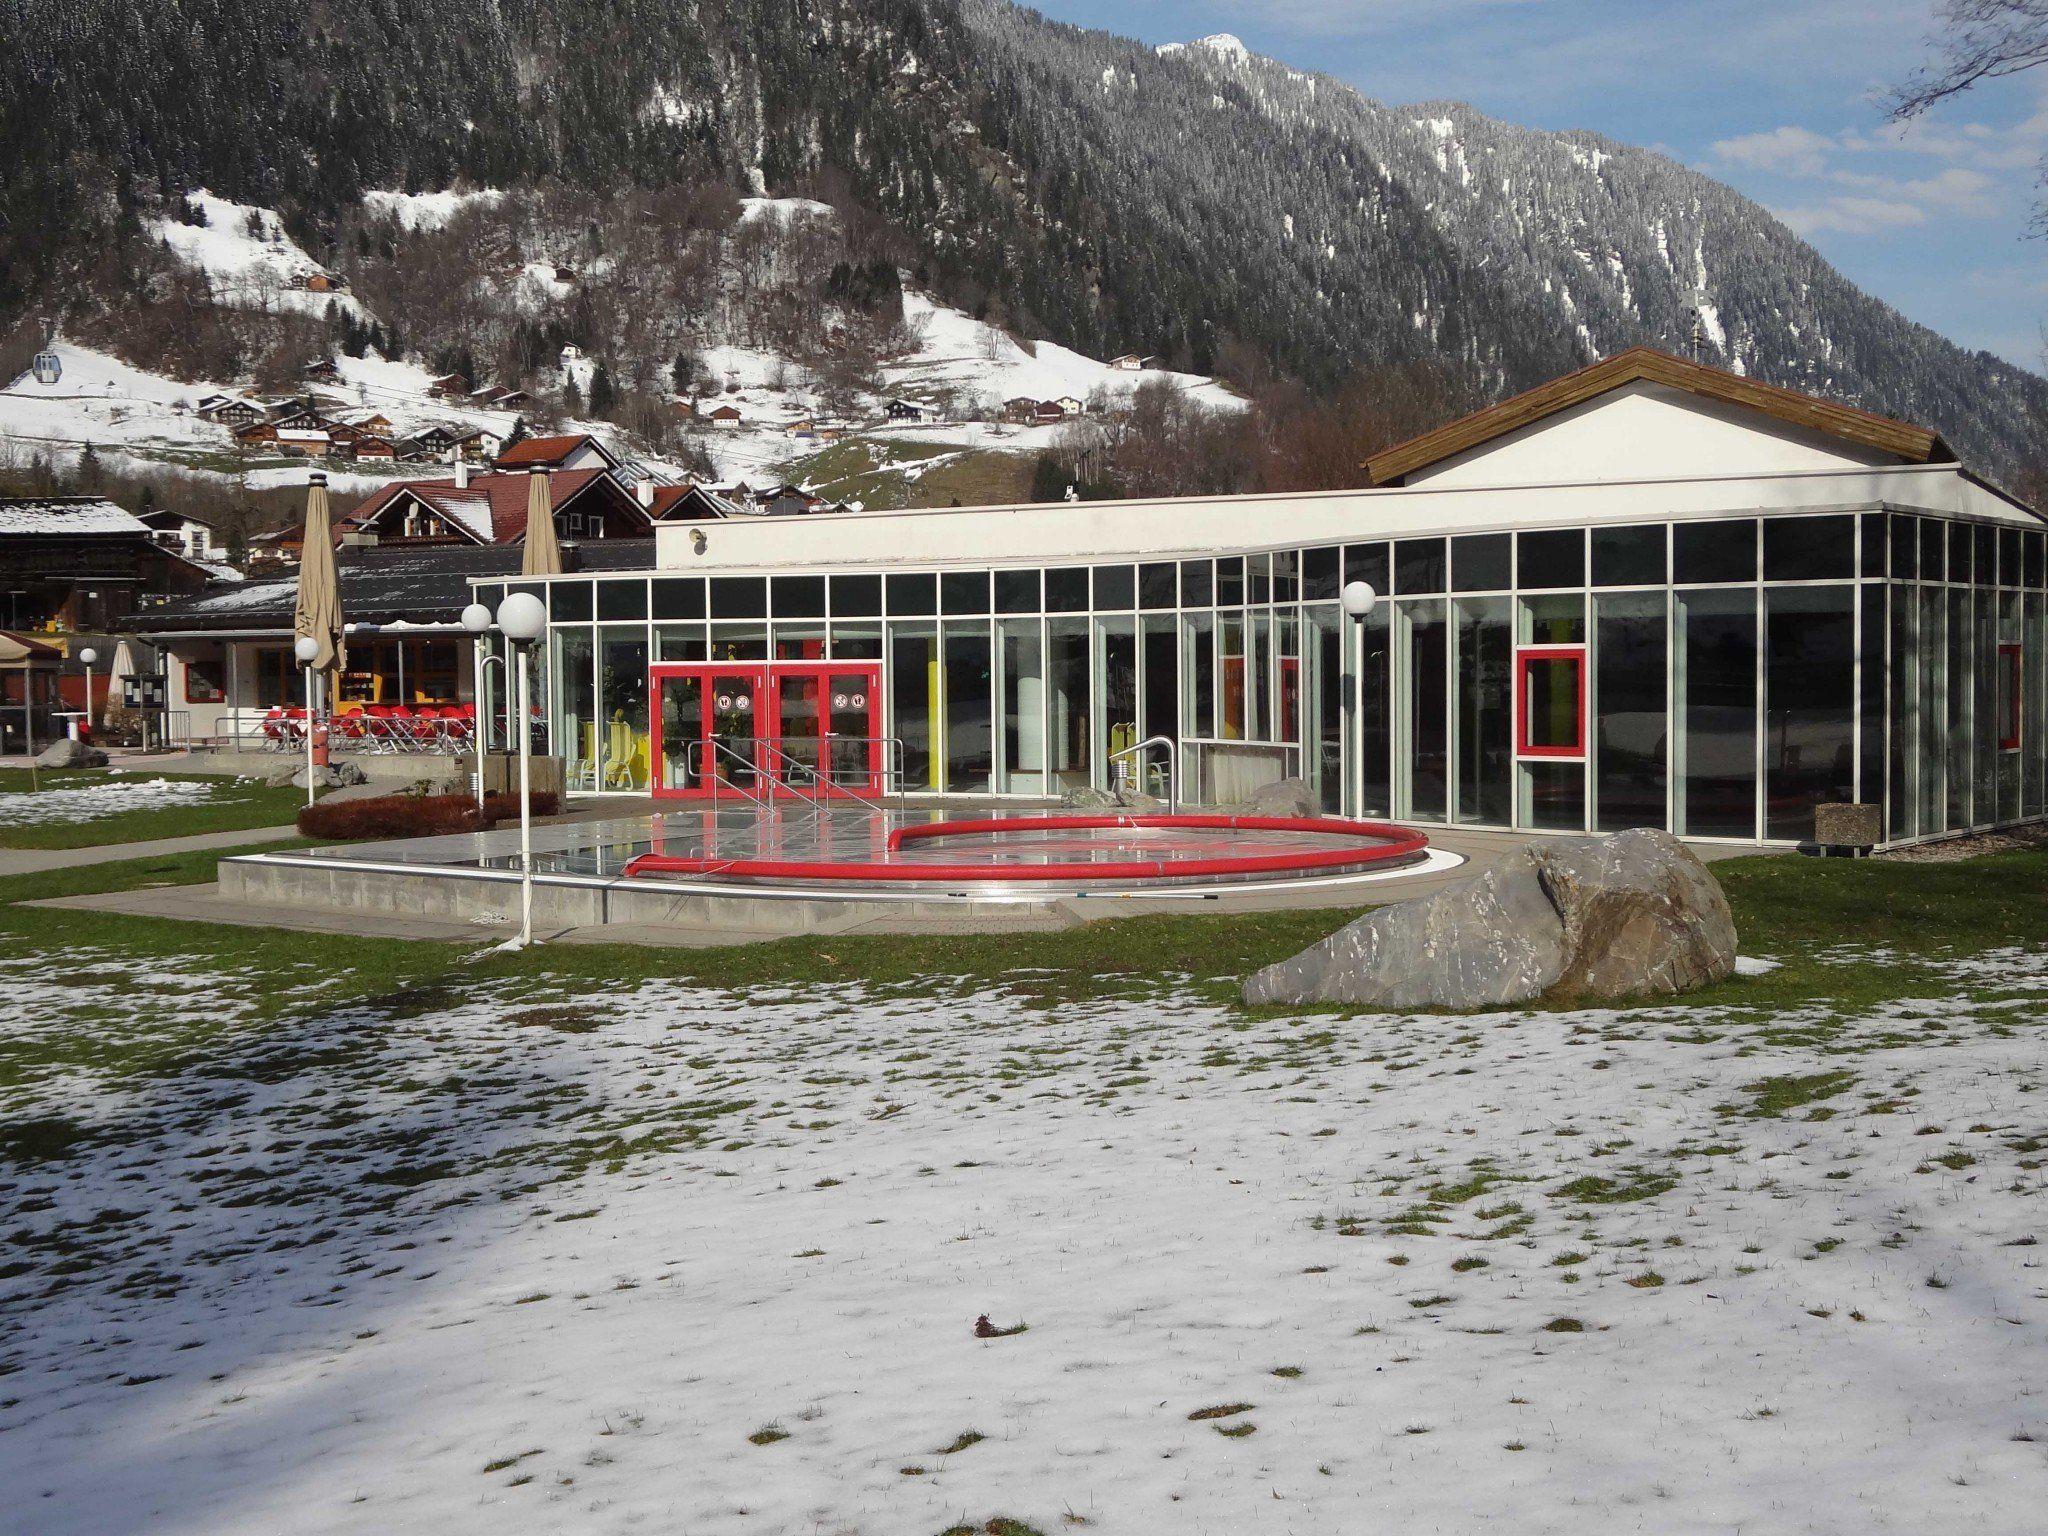 Winterlicher Badespaß, täglich bis Ostern im Allwetterbad Aquarena in St. Gallenkirch